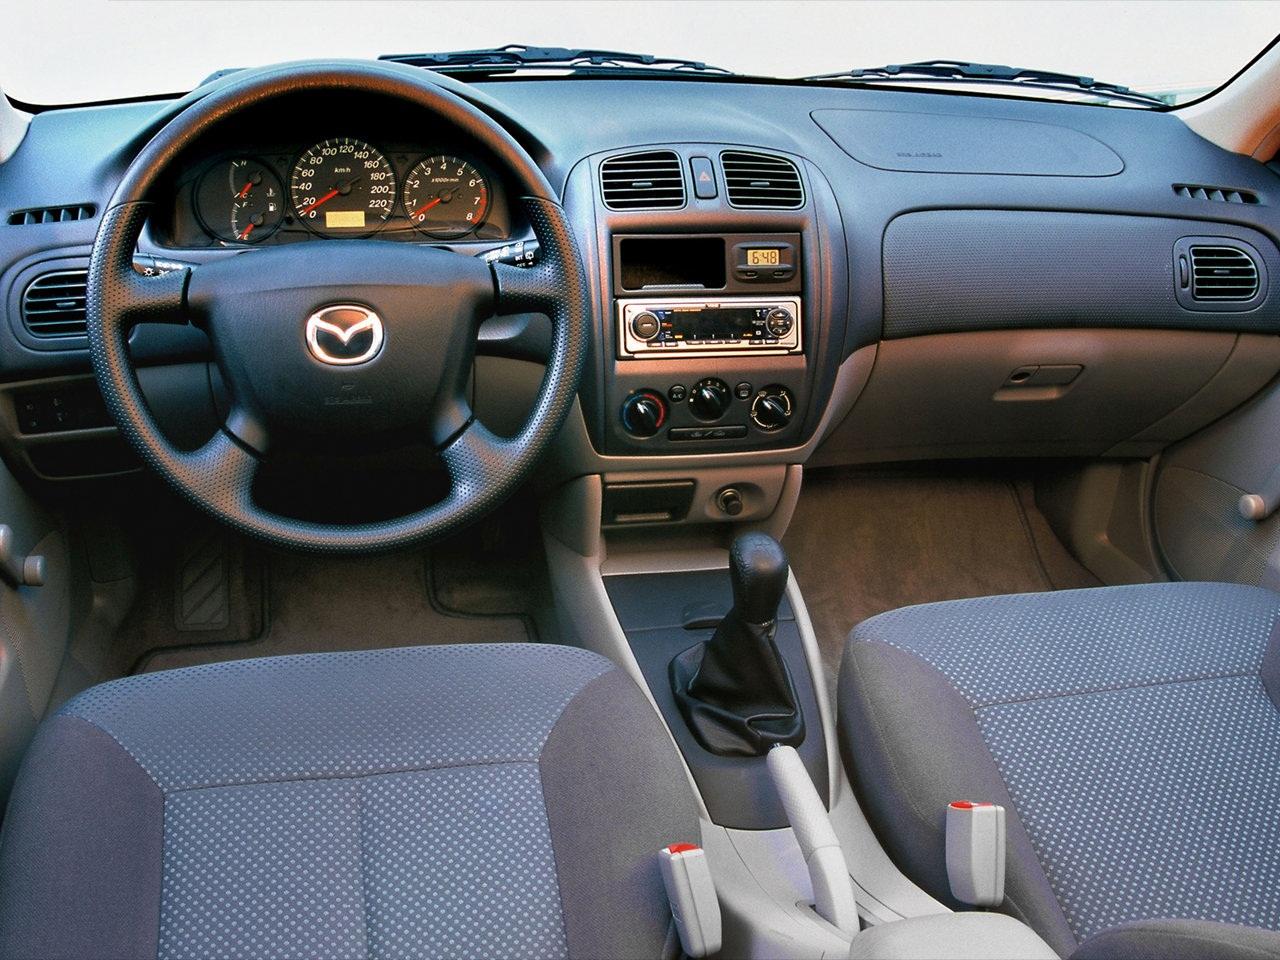 Kekurangan Mazda 323 1998 Perbandingan Harga